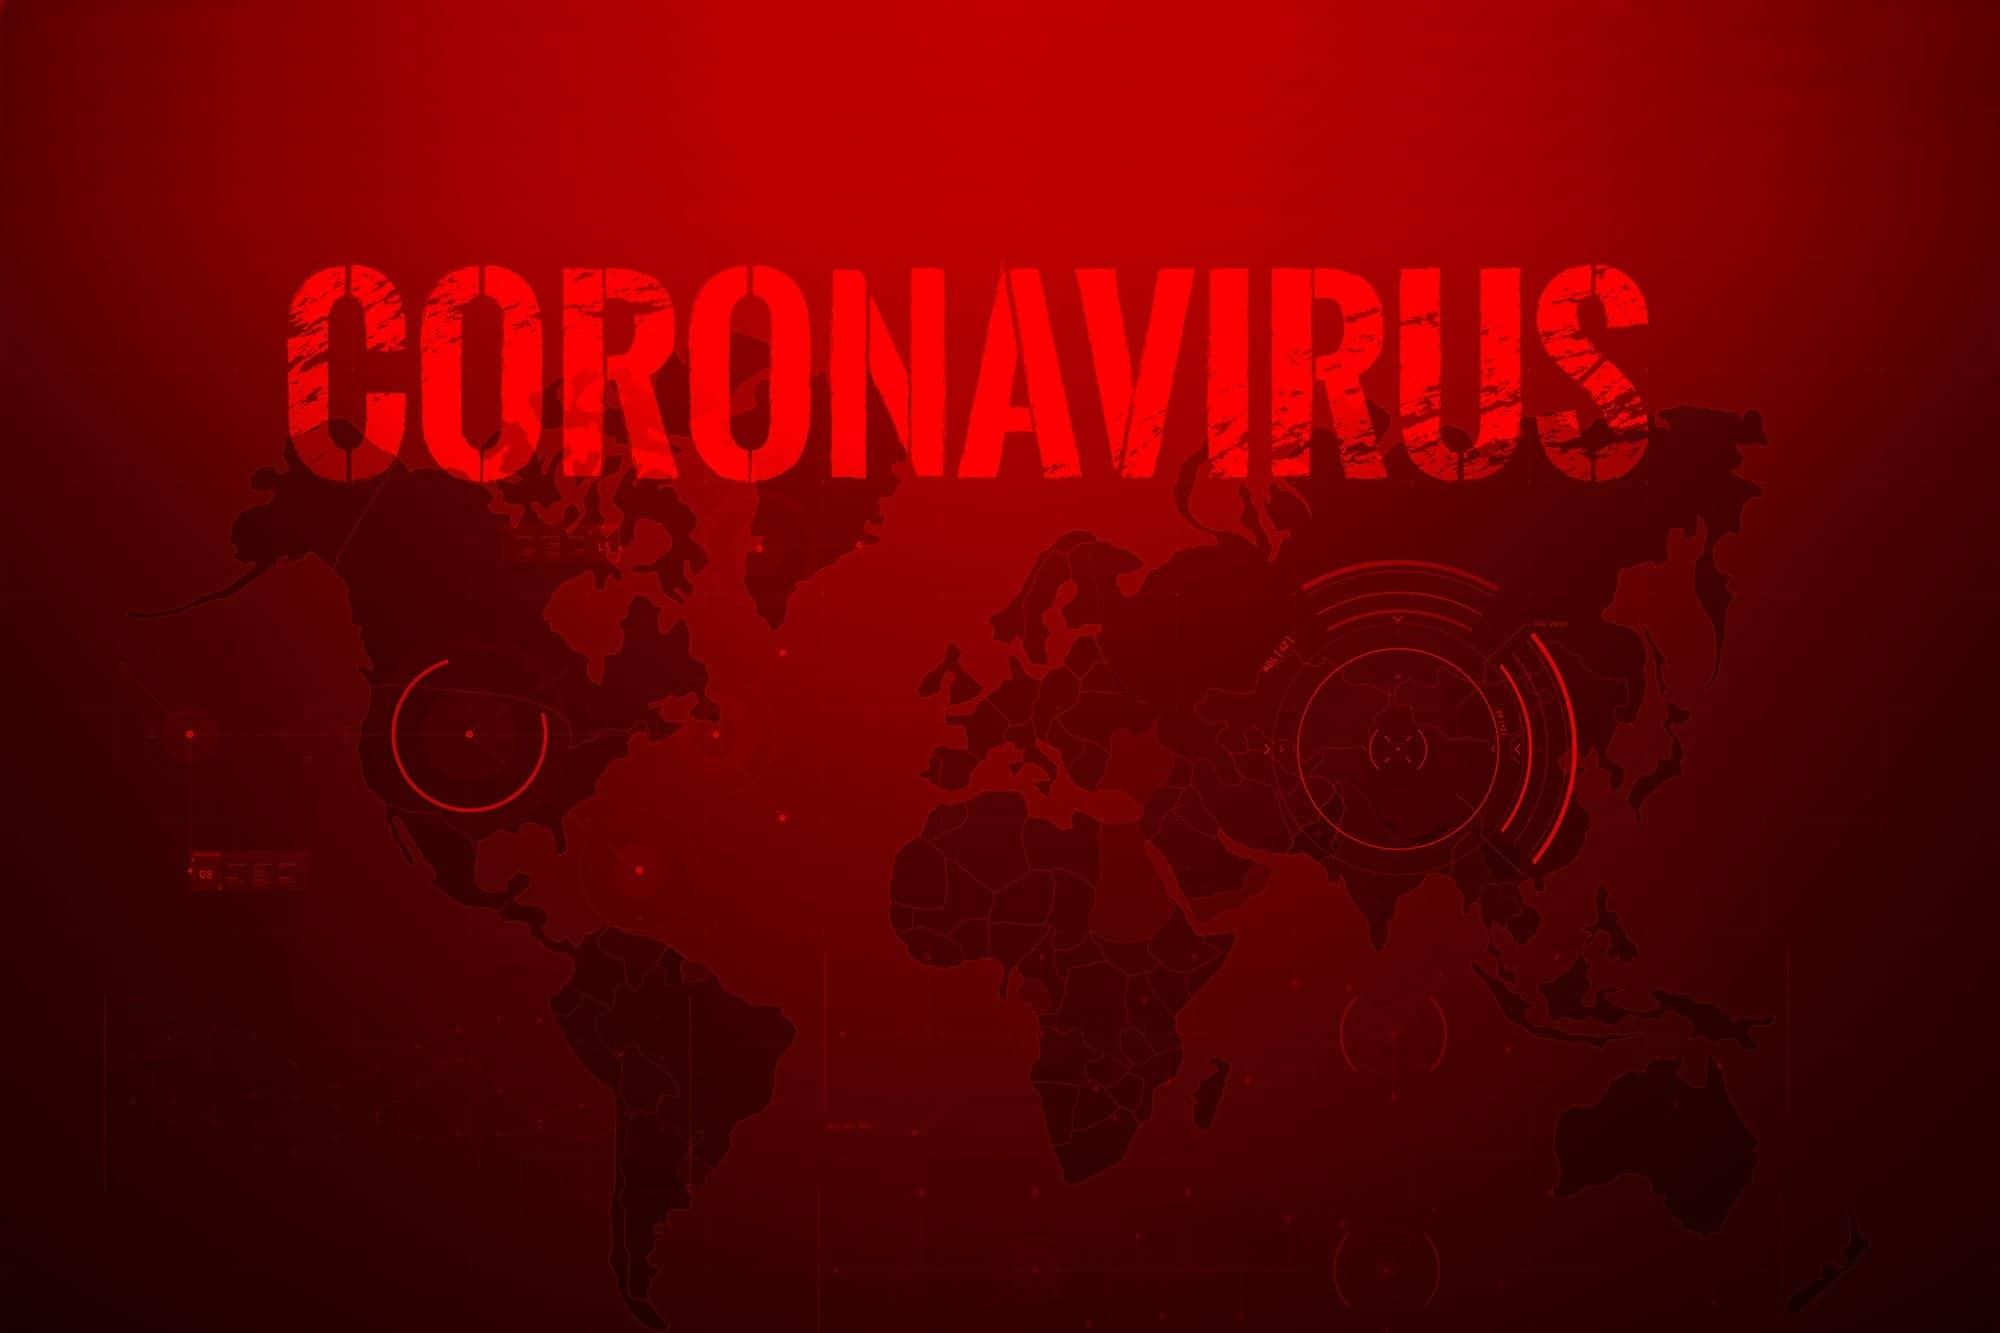 First American Dies of Coronavirus, Now Called Novel Coronavirus Pneumonia (NCP)